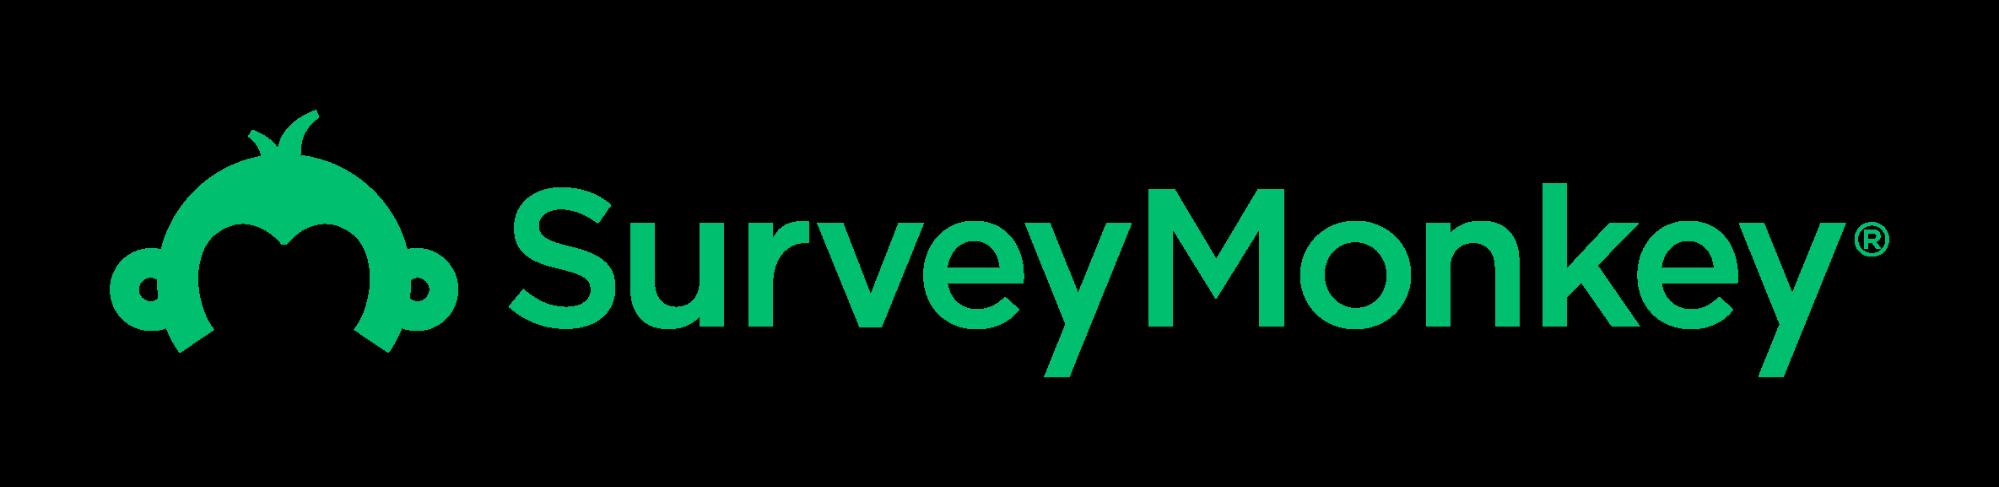 survey-monkey.png